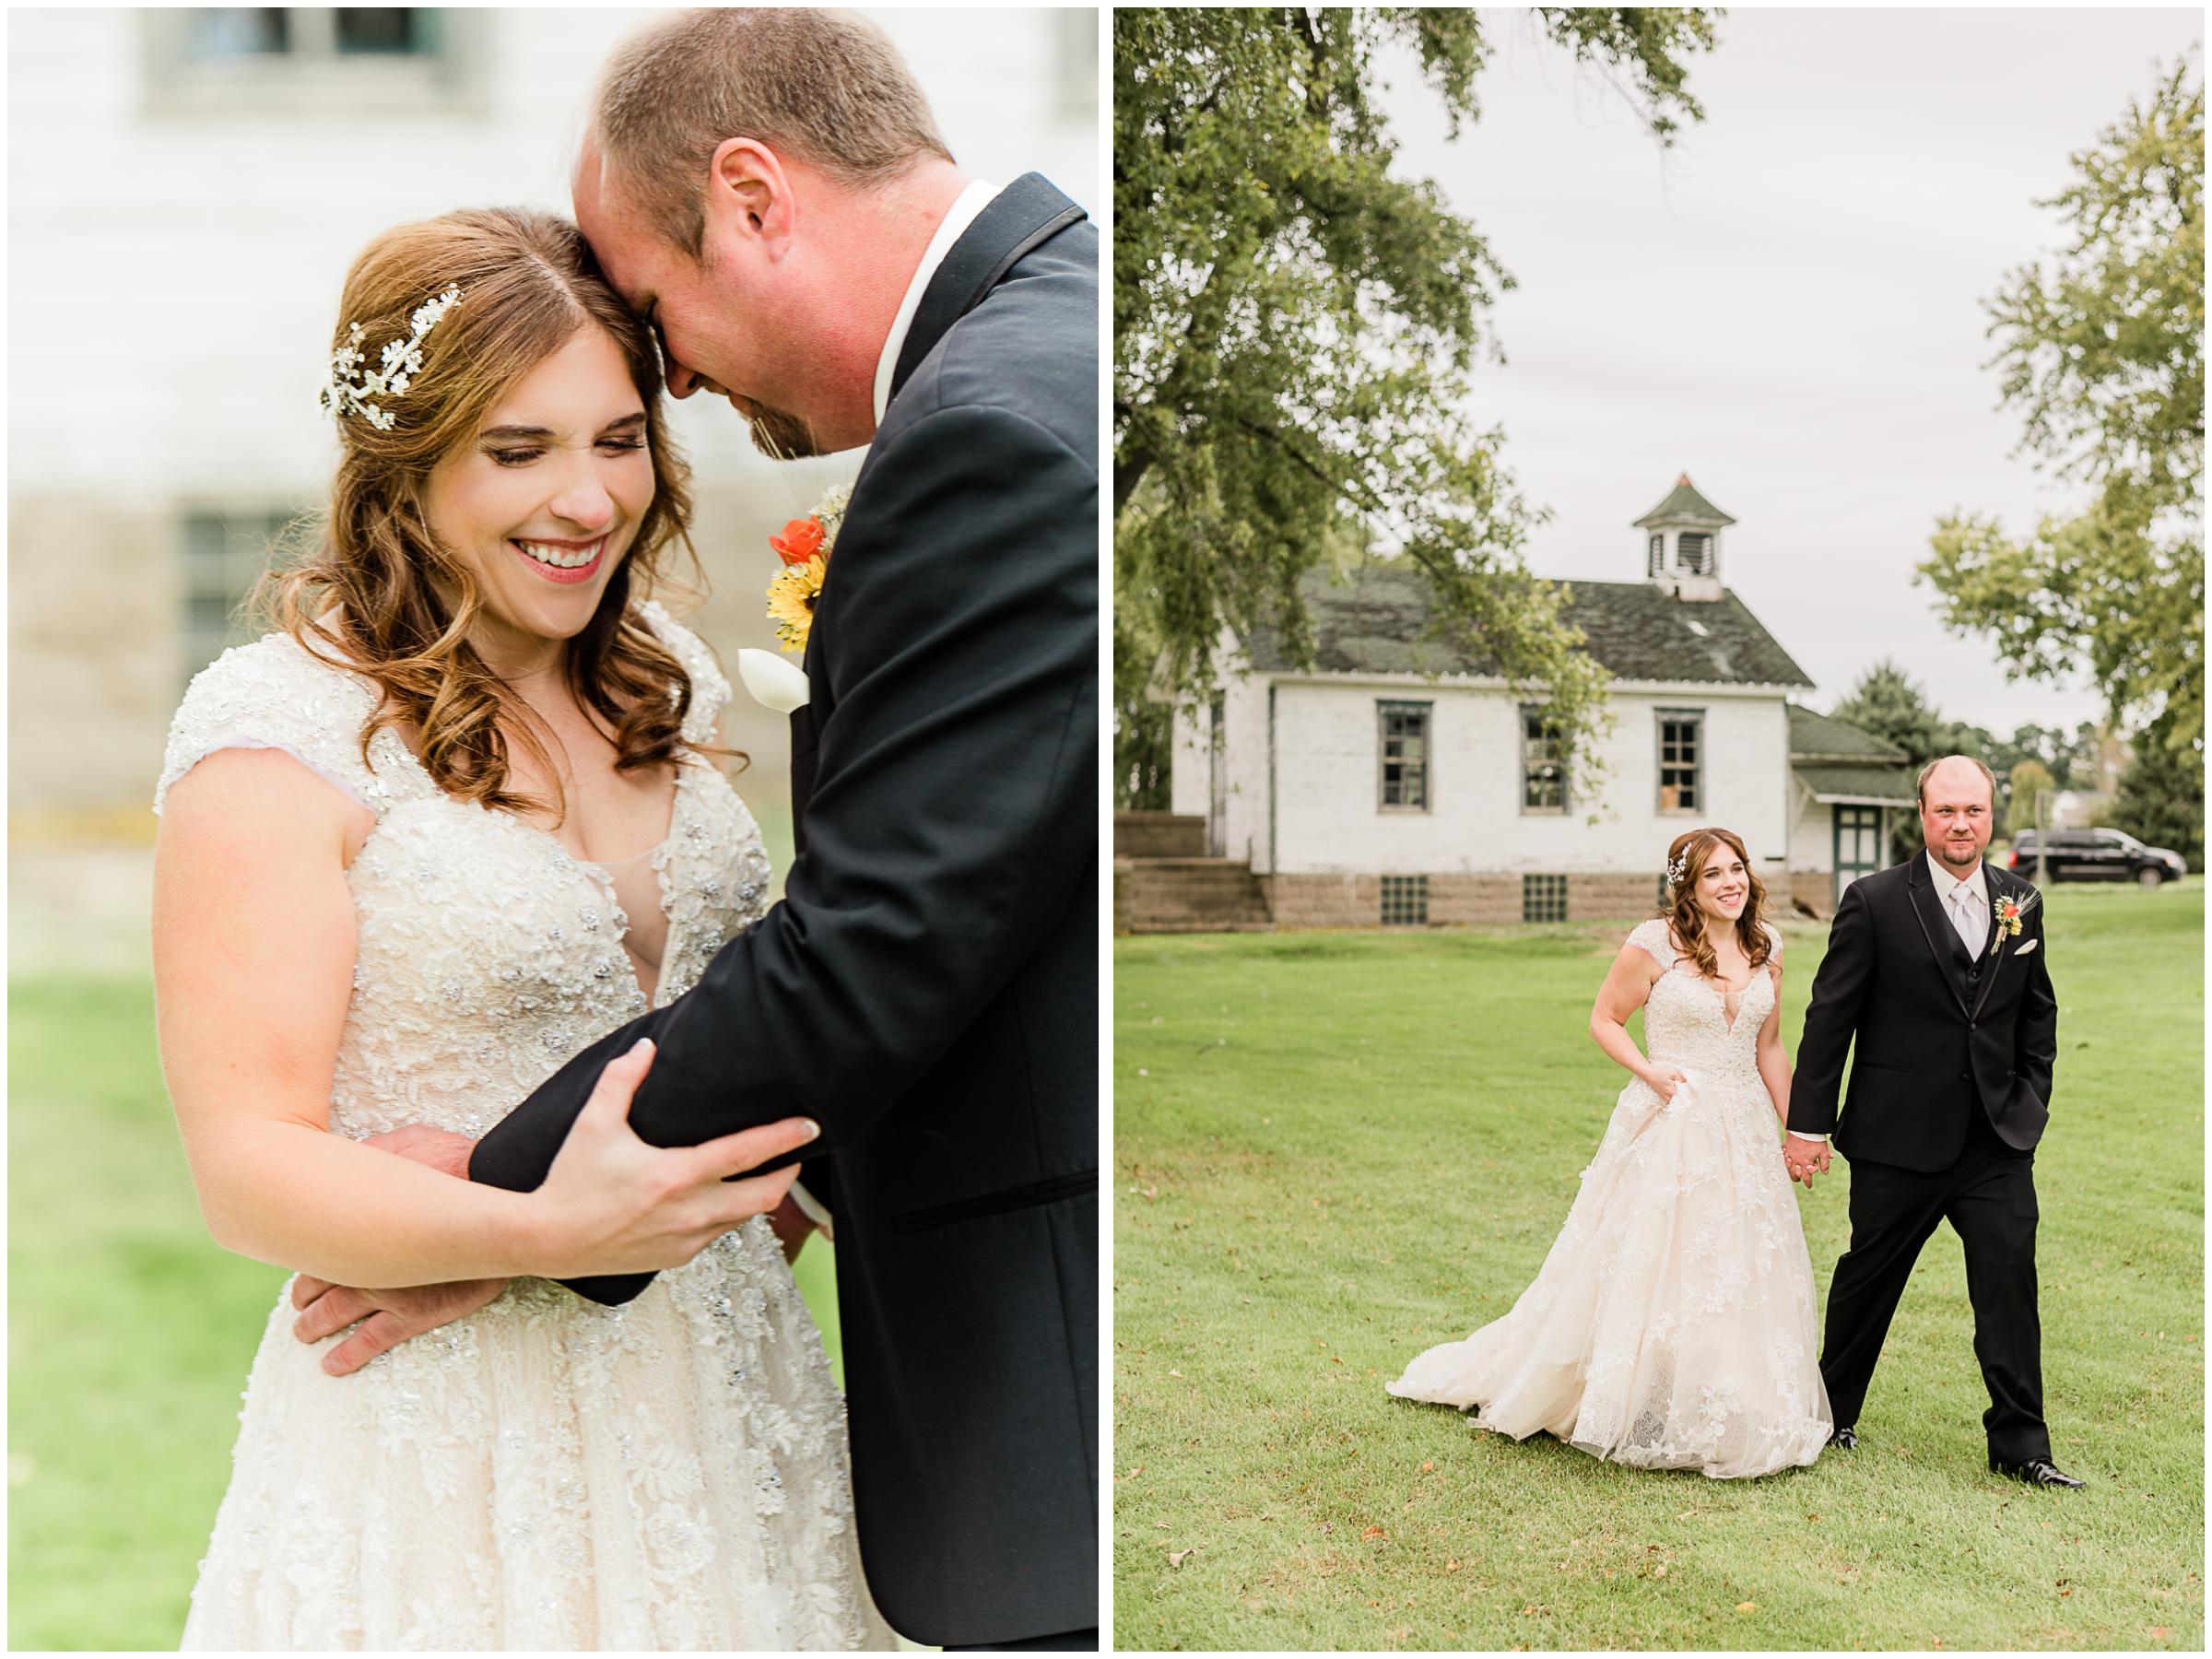 minocqua-wisconsin-woodruff-wedding-engagement-family-senior-photographer-northwoods-eagle-river-affordable19.jpg